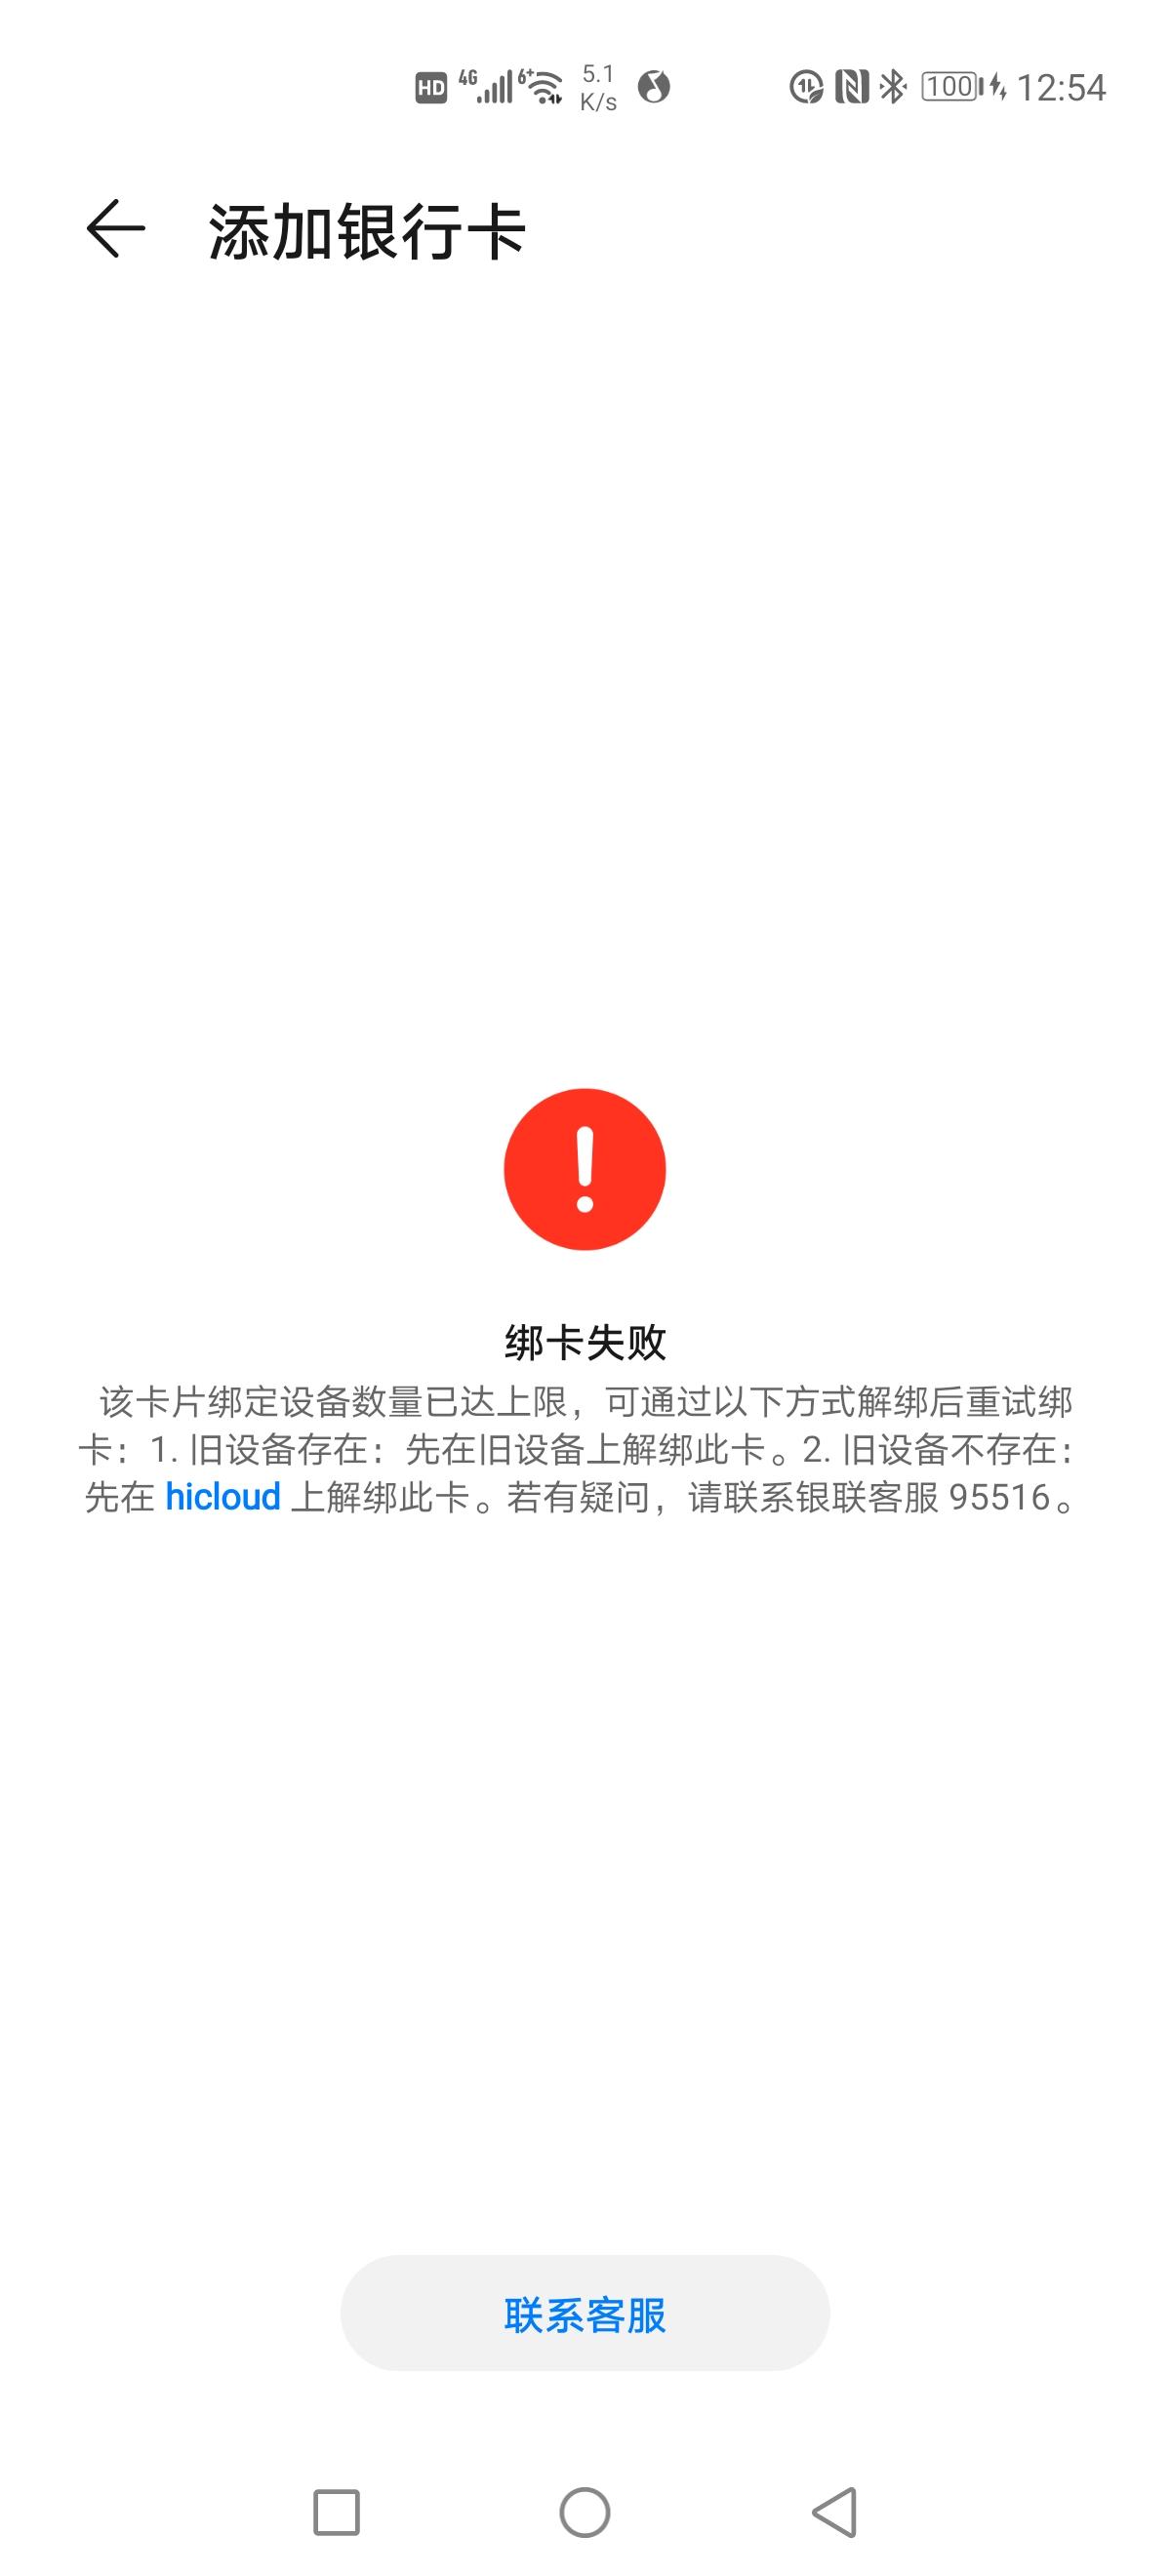 Screenshot_20200519_125424_com.huawei.wallet.jpg